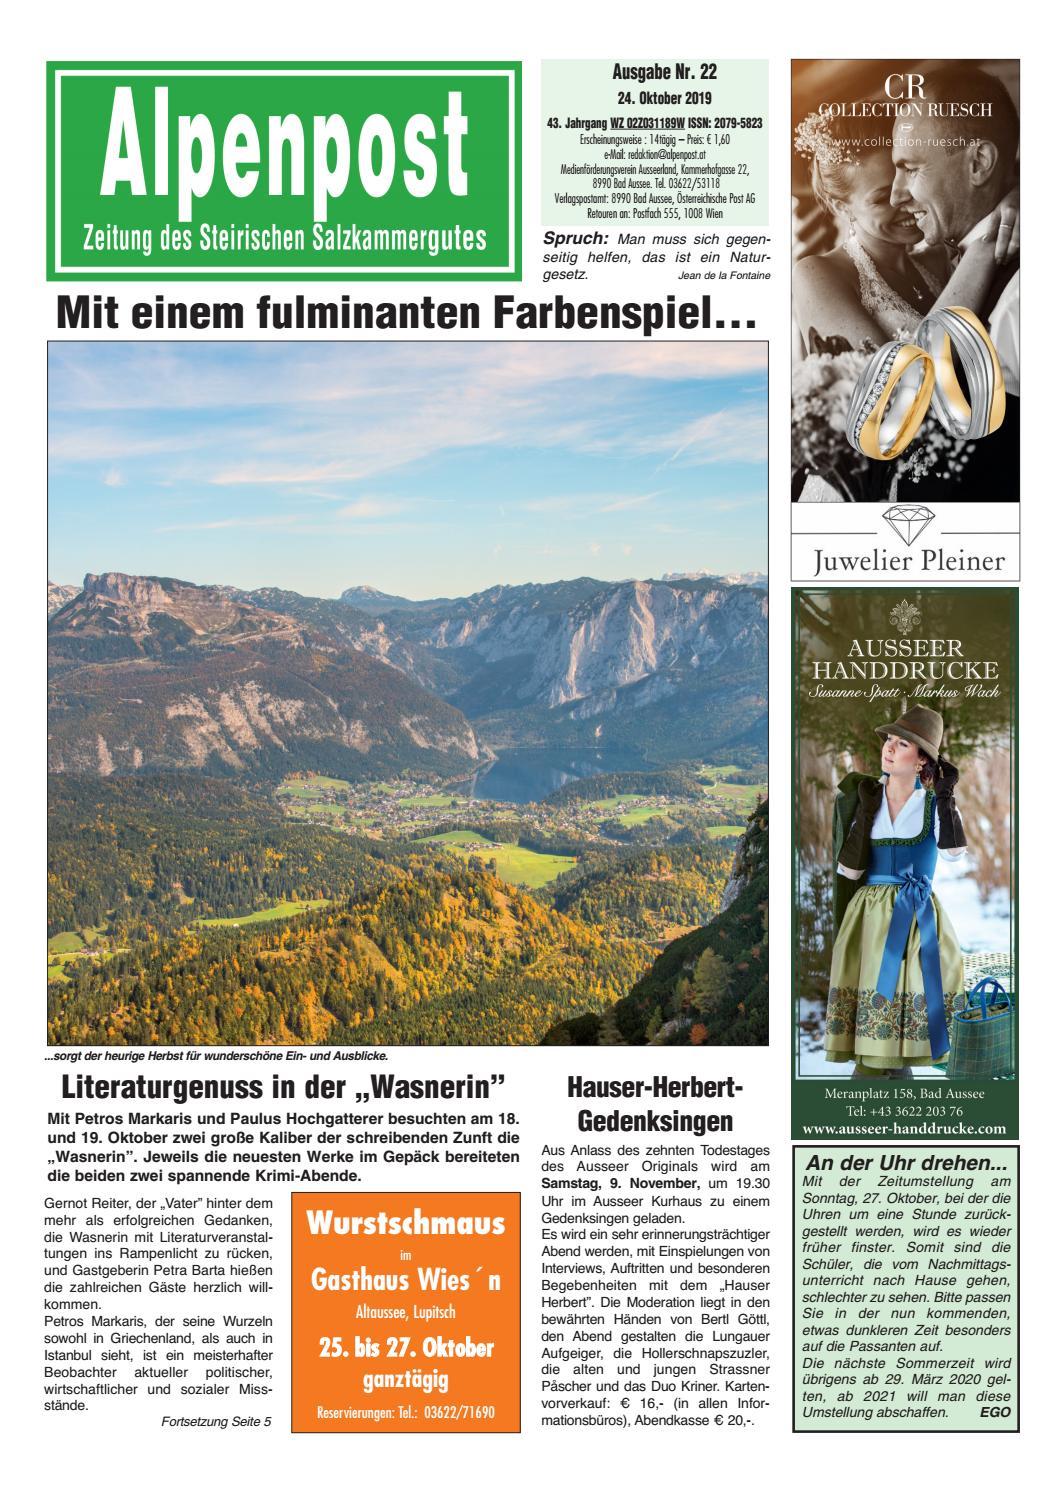 RAPID Legenden Wochenende in Bad Mitterndorf ARF